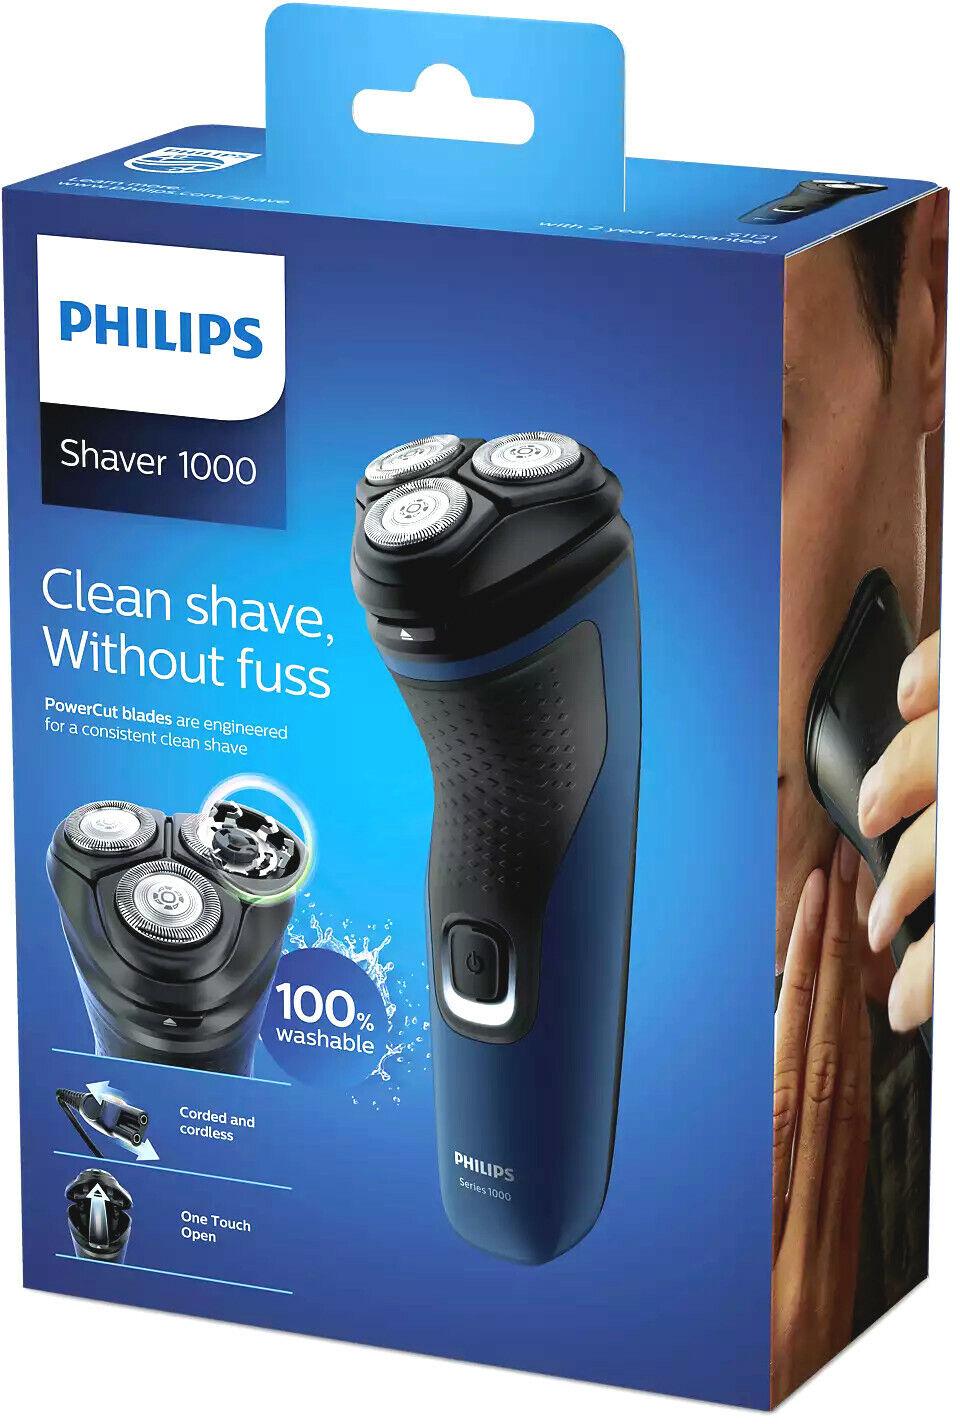 Philips Series 1000 S113141 Trockenrasierer Rotationsrasierer Rasierer